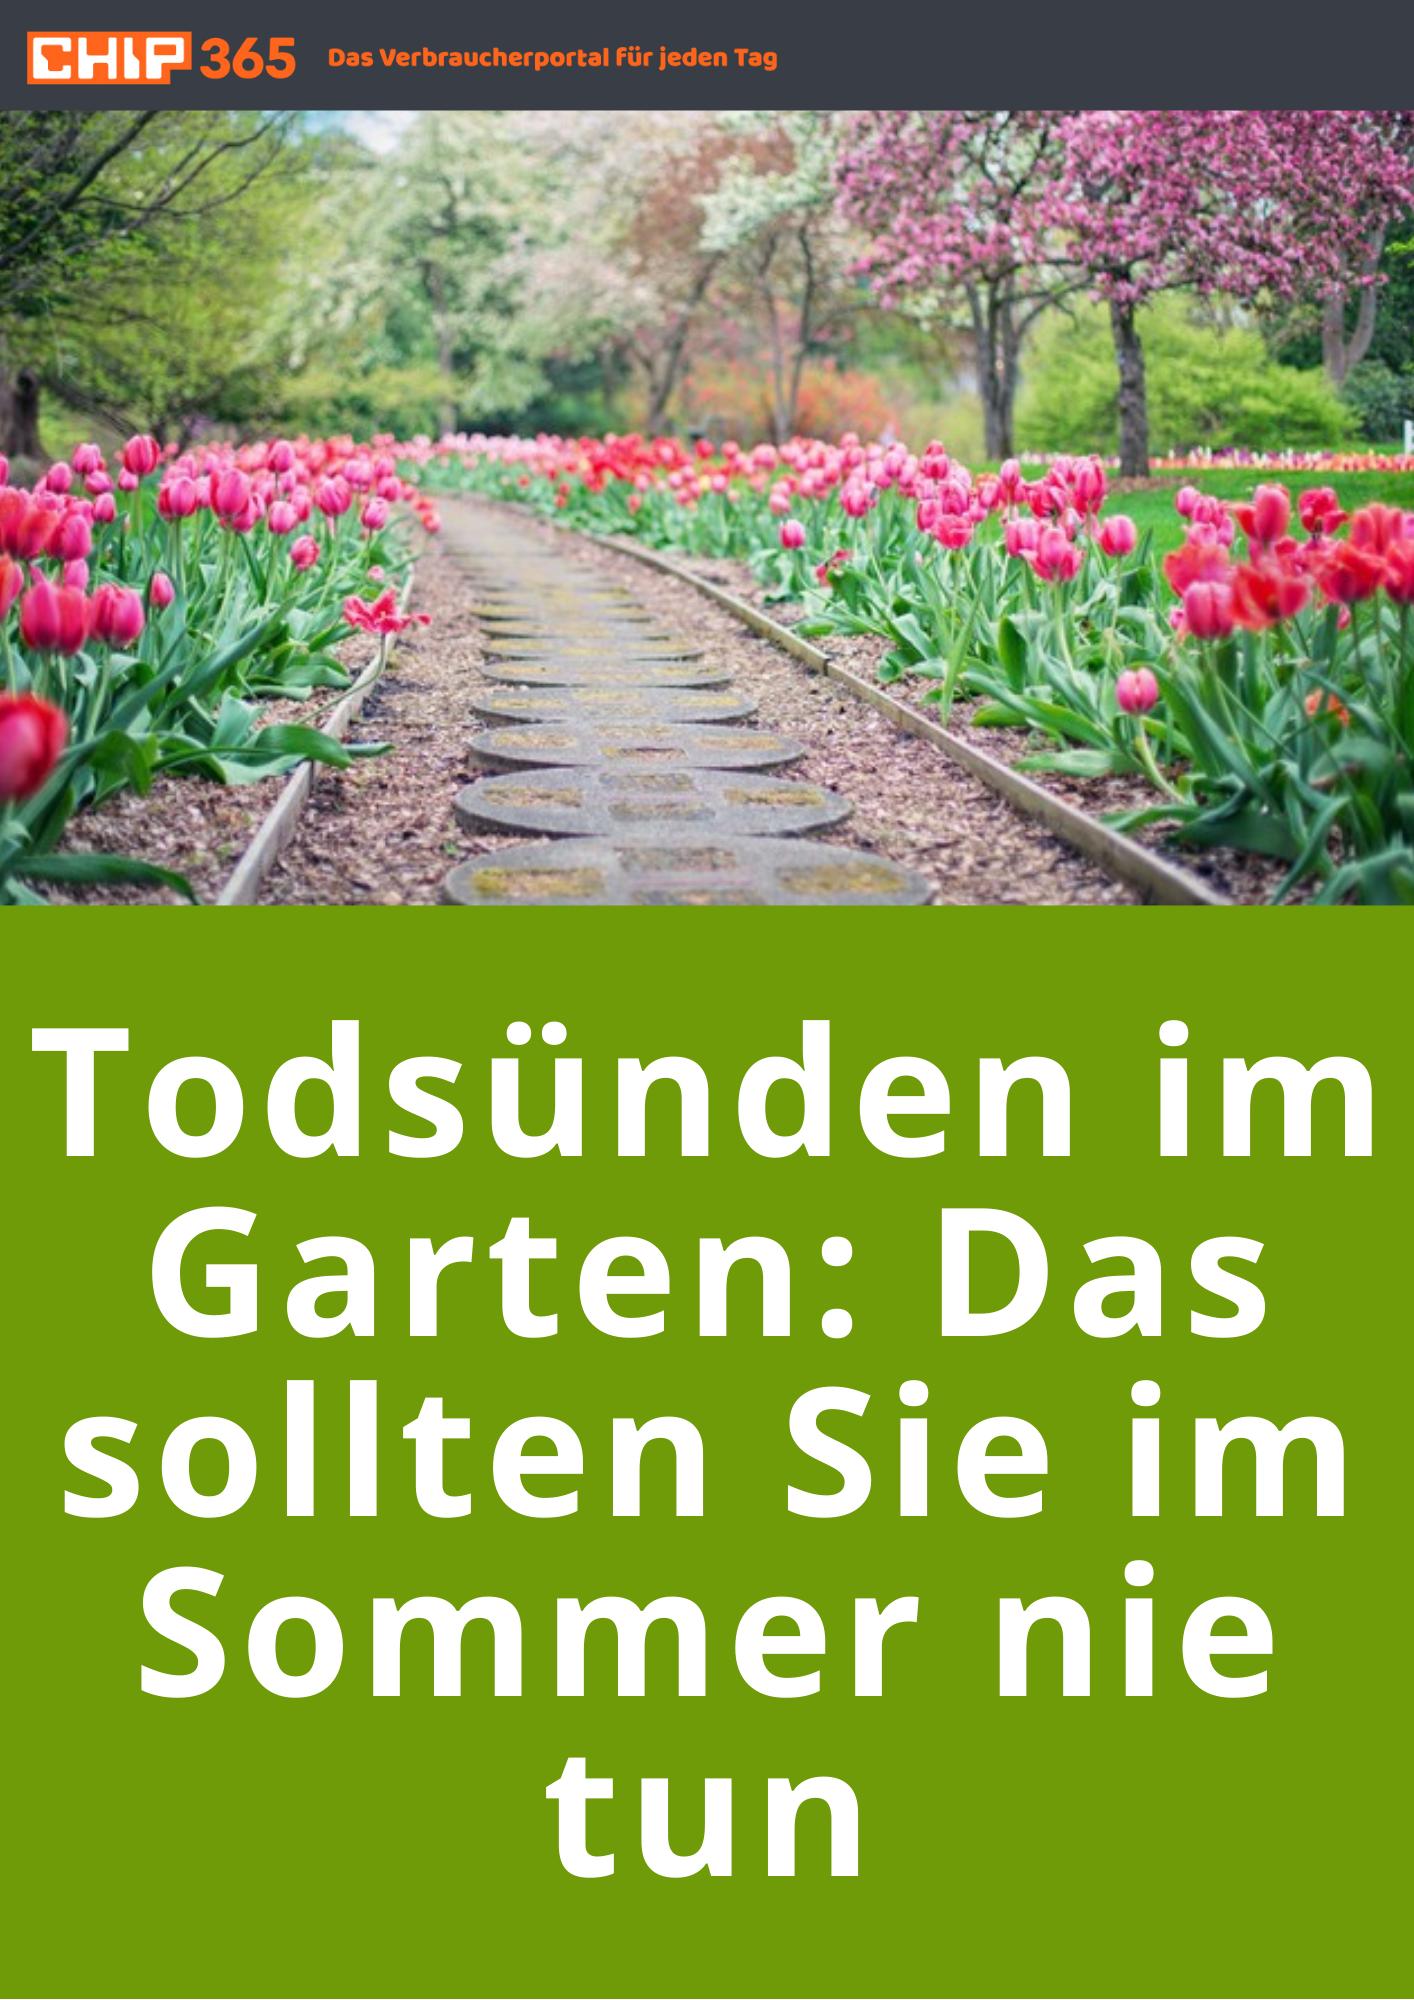 Todsünden im Garten: Das sollten Sie im Sommer nie